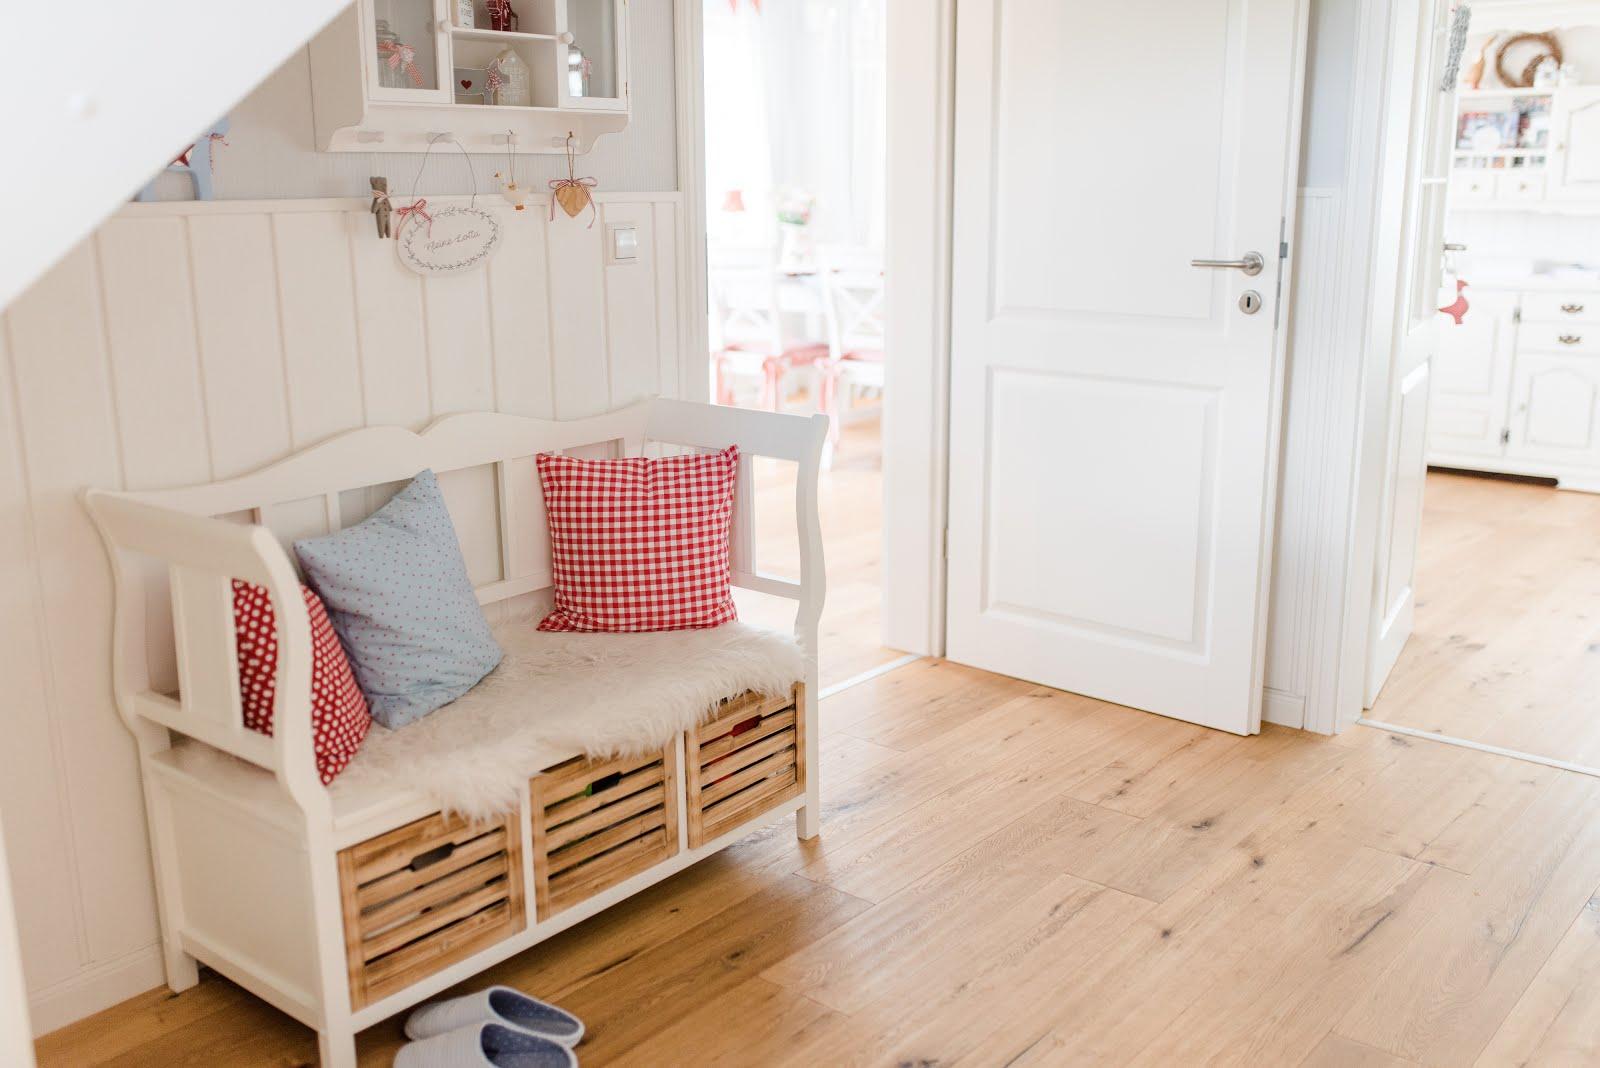 Schwedenhaus innen treppe  Kleine Lotta ~ Unser Schwedenhaus: Helle Diele und gemütlicher Allroom